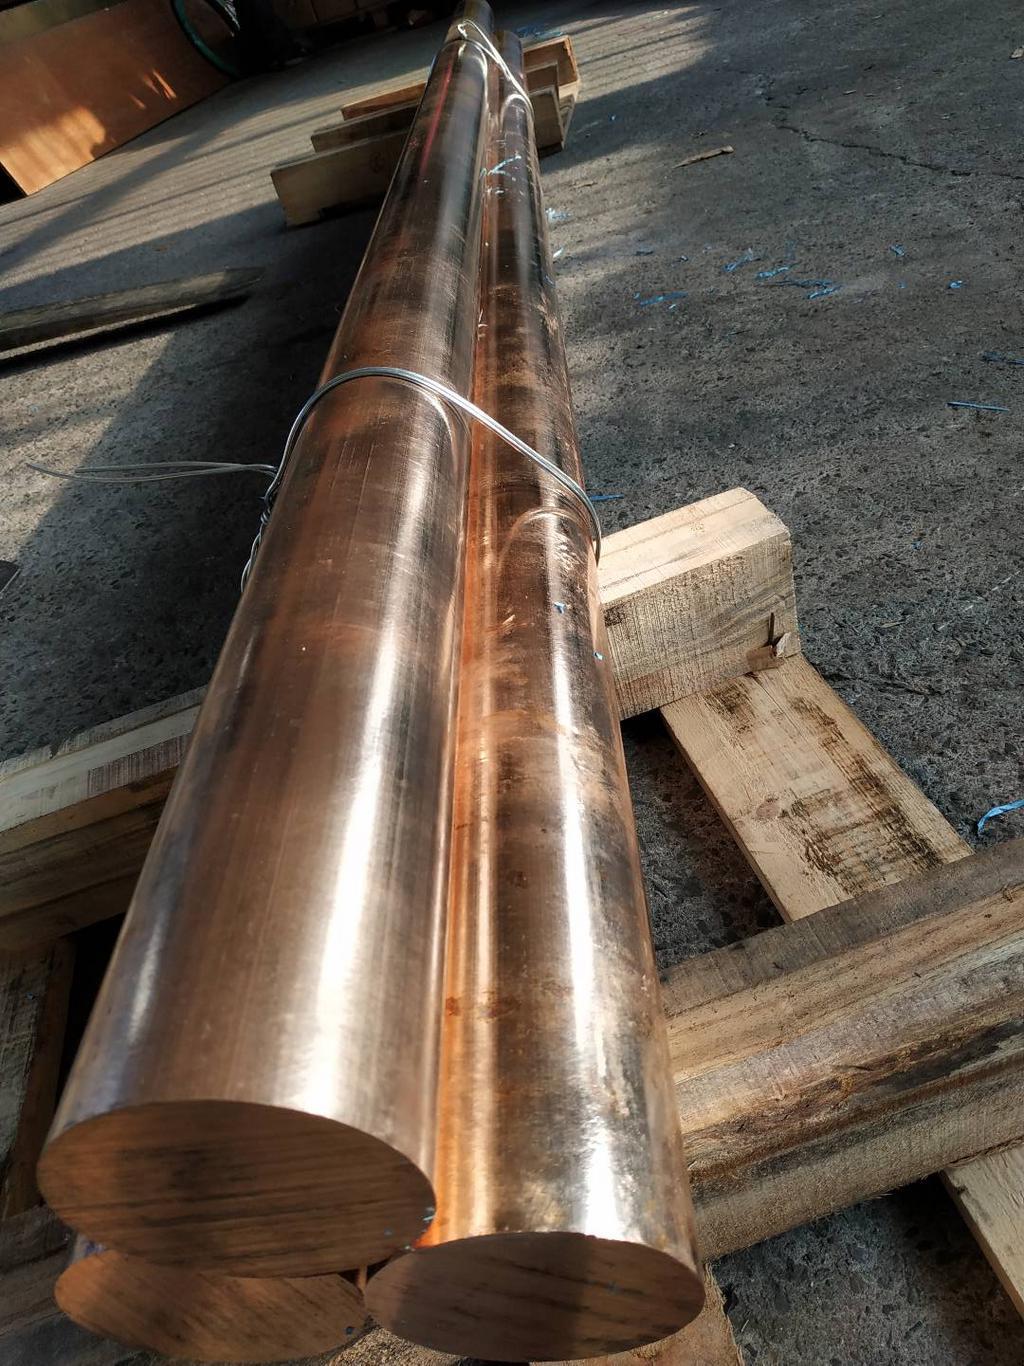 厂家直销锡青铜 磷青铜 铍青铜 铬锆铜 Qsn6.5-0.1 C5191大量现货 全国发货